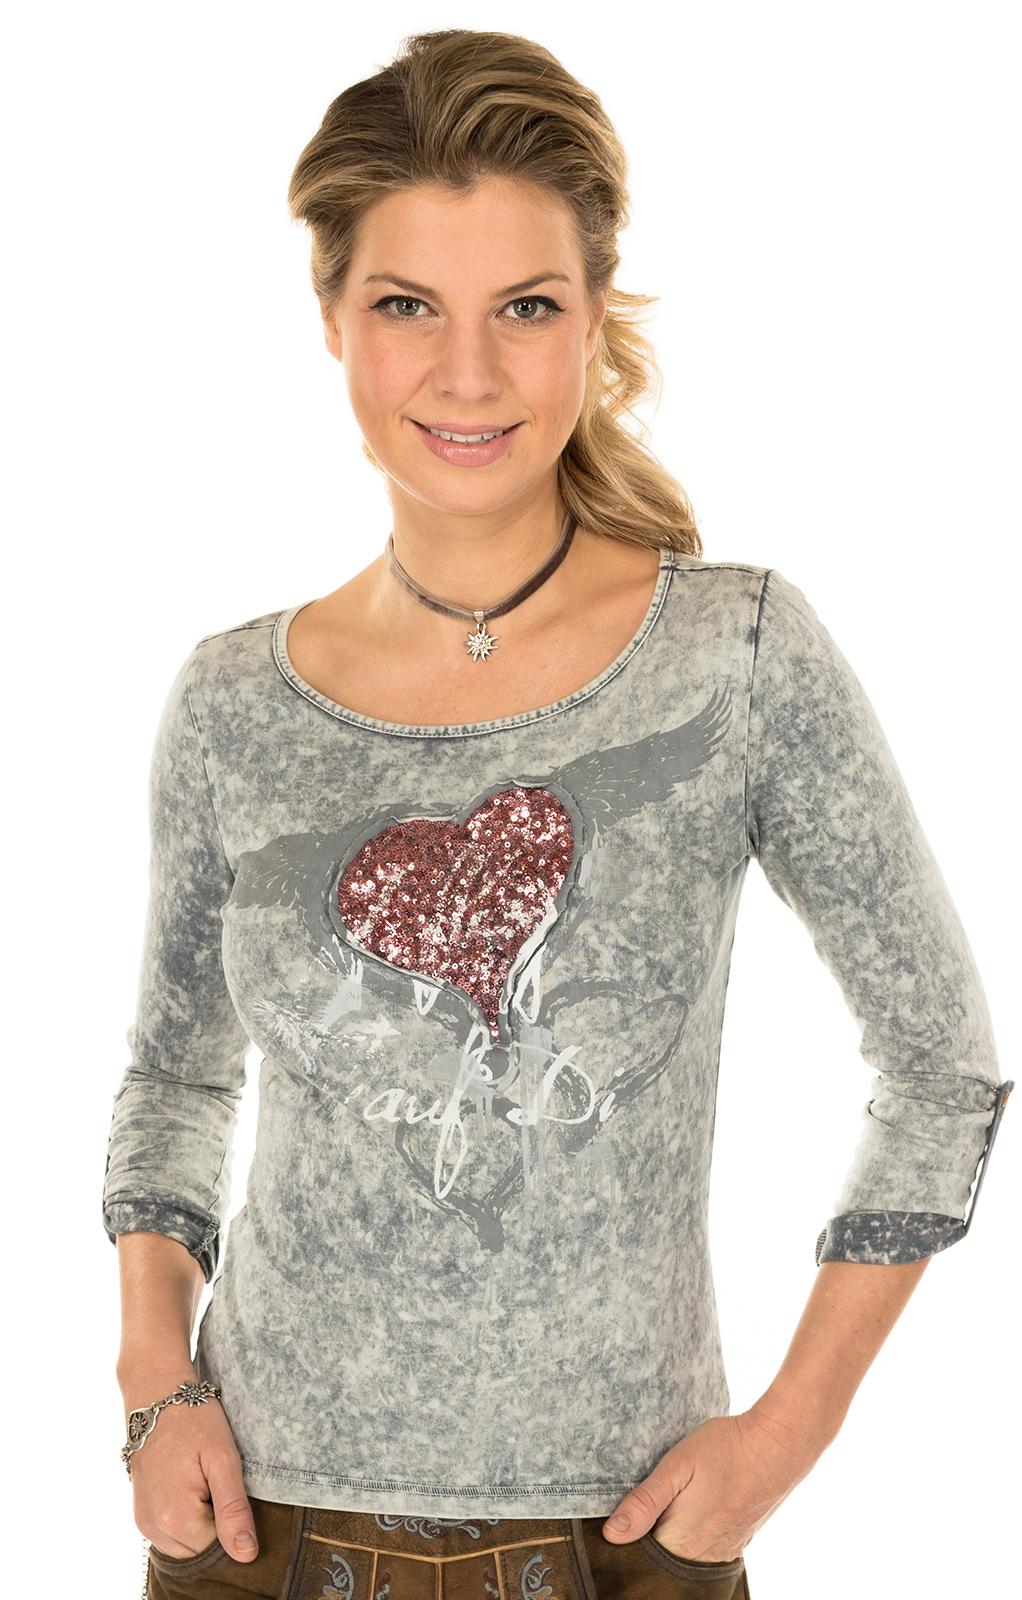 Trachten Shirt K30-FLIAGA gray von Marjo